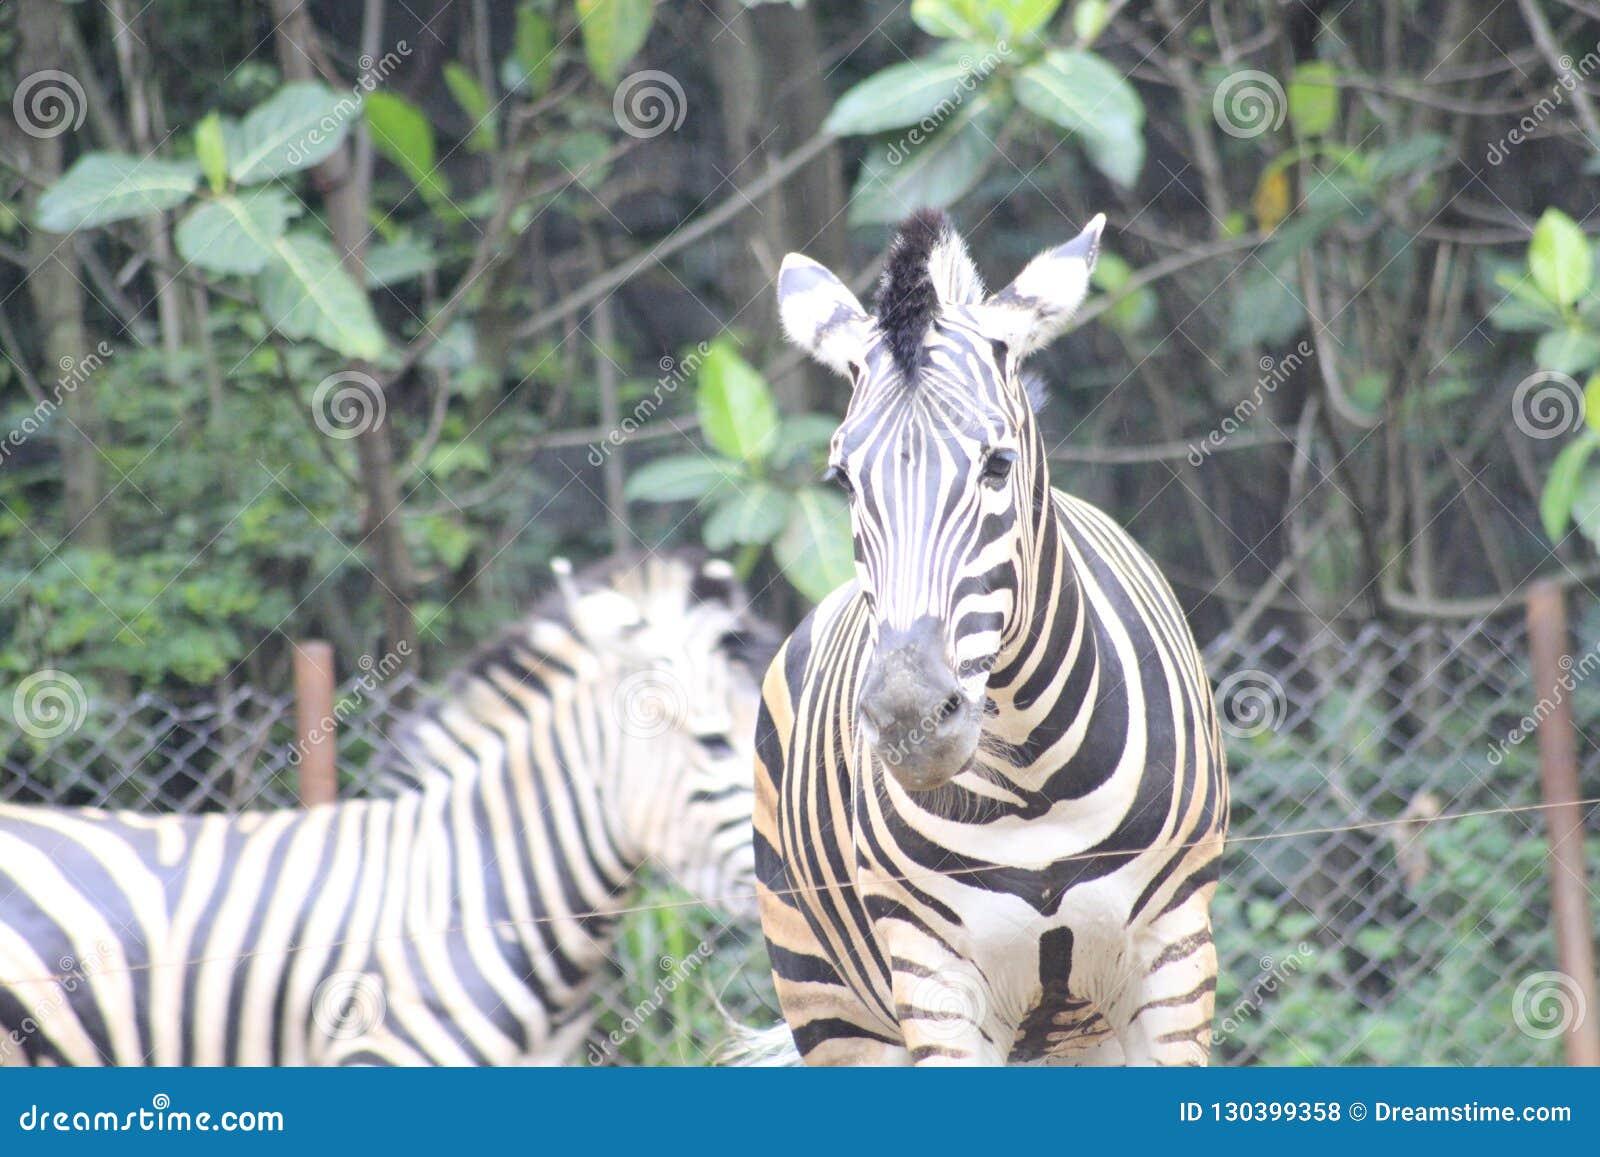 在动物园万隆印度尼西亚的斑马